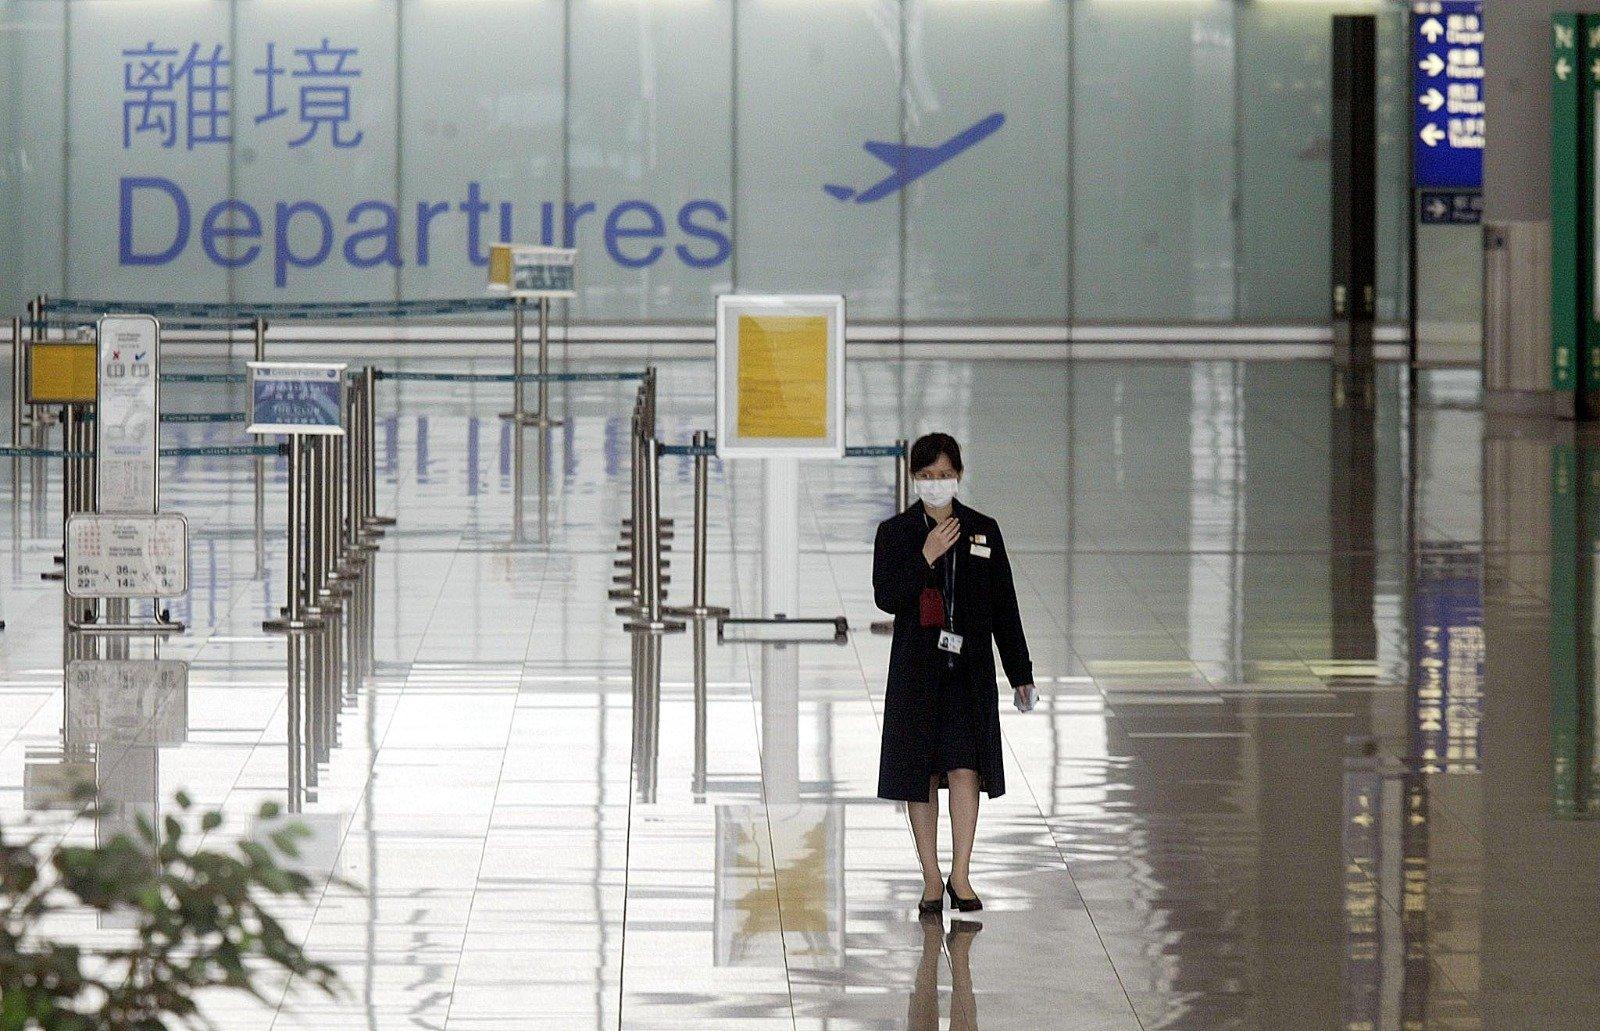 「反送中」運動後,香港民主法治徹底淪陷,港人信心盡失,再次引發大規模「移民潮」。圖為香港國際機場。(PETER PARKS/AFP via Getty Images)